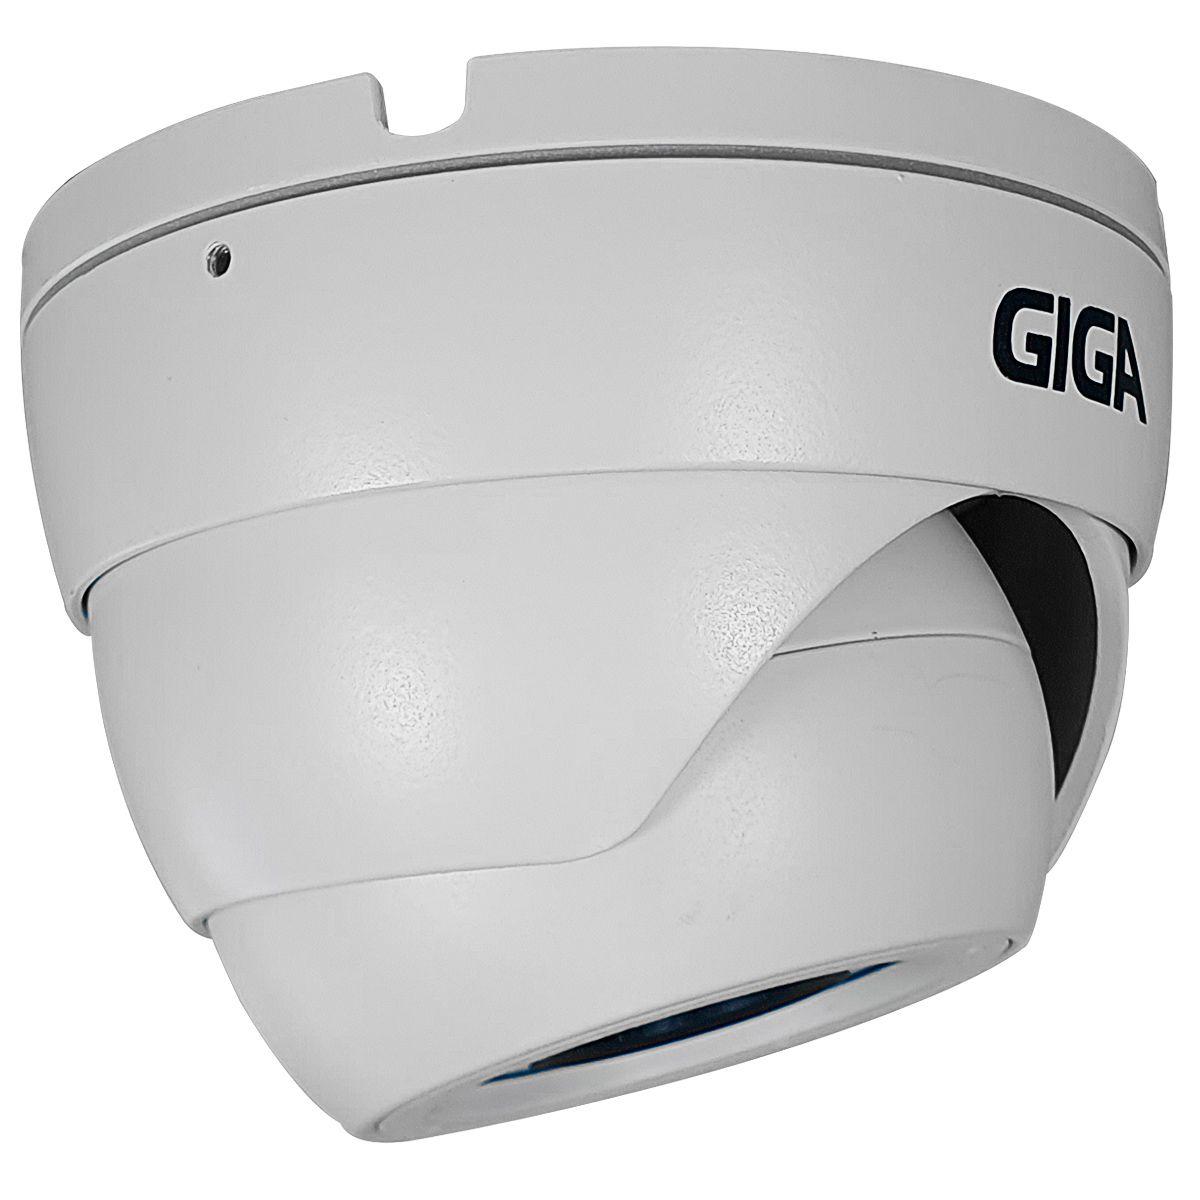 Câmera HD 720p  1MP Orion GS0021 Giga Security Orion Detecção de pessoas, alcance ir 30 metros  - Tudo Forte